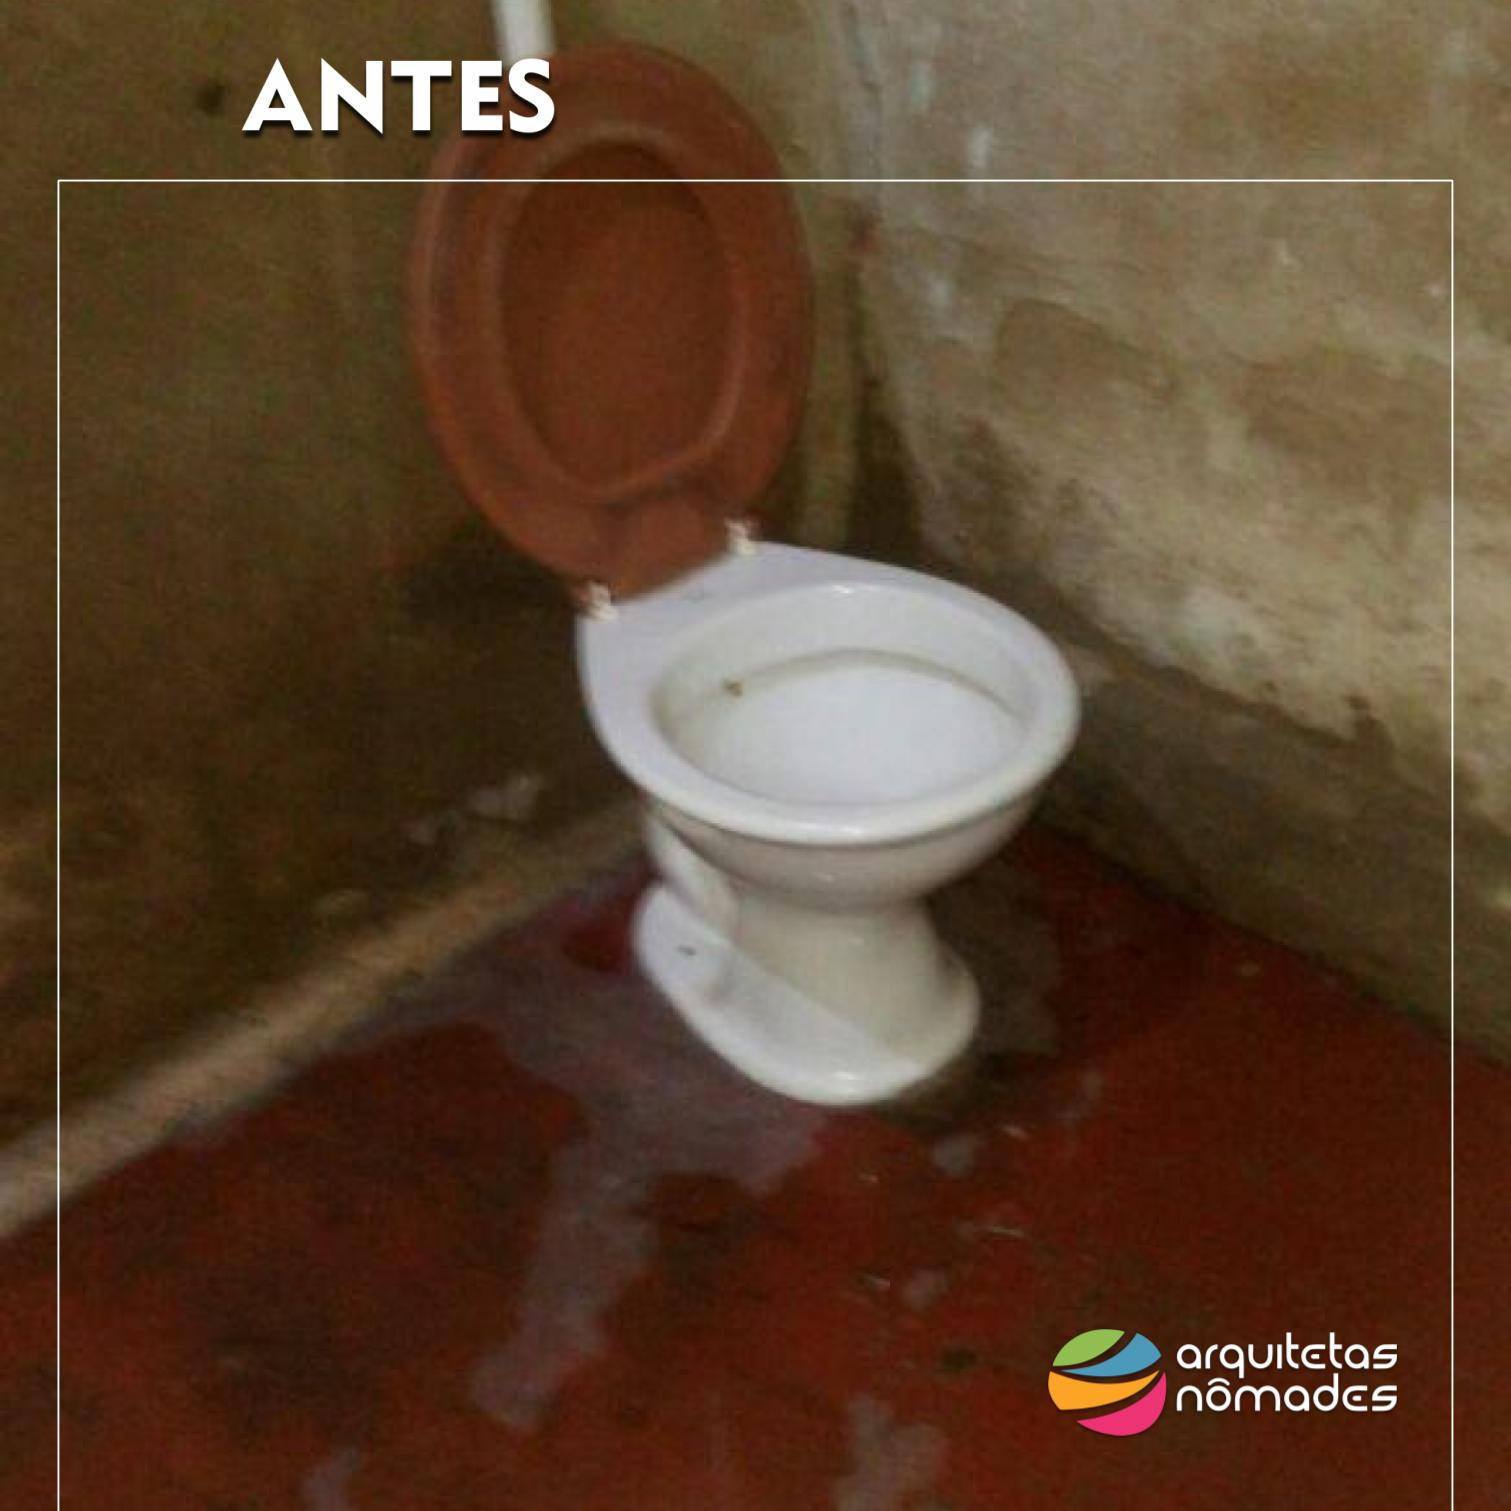 ANTES1 – Ana Paula